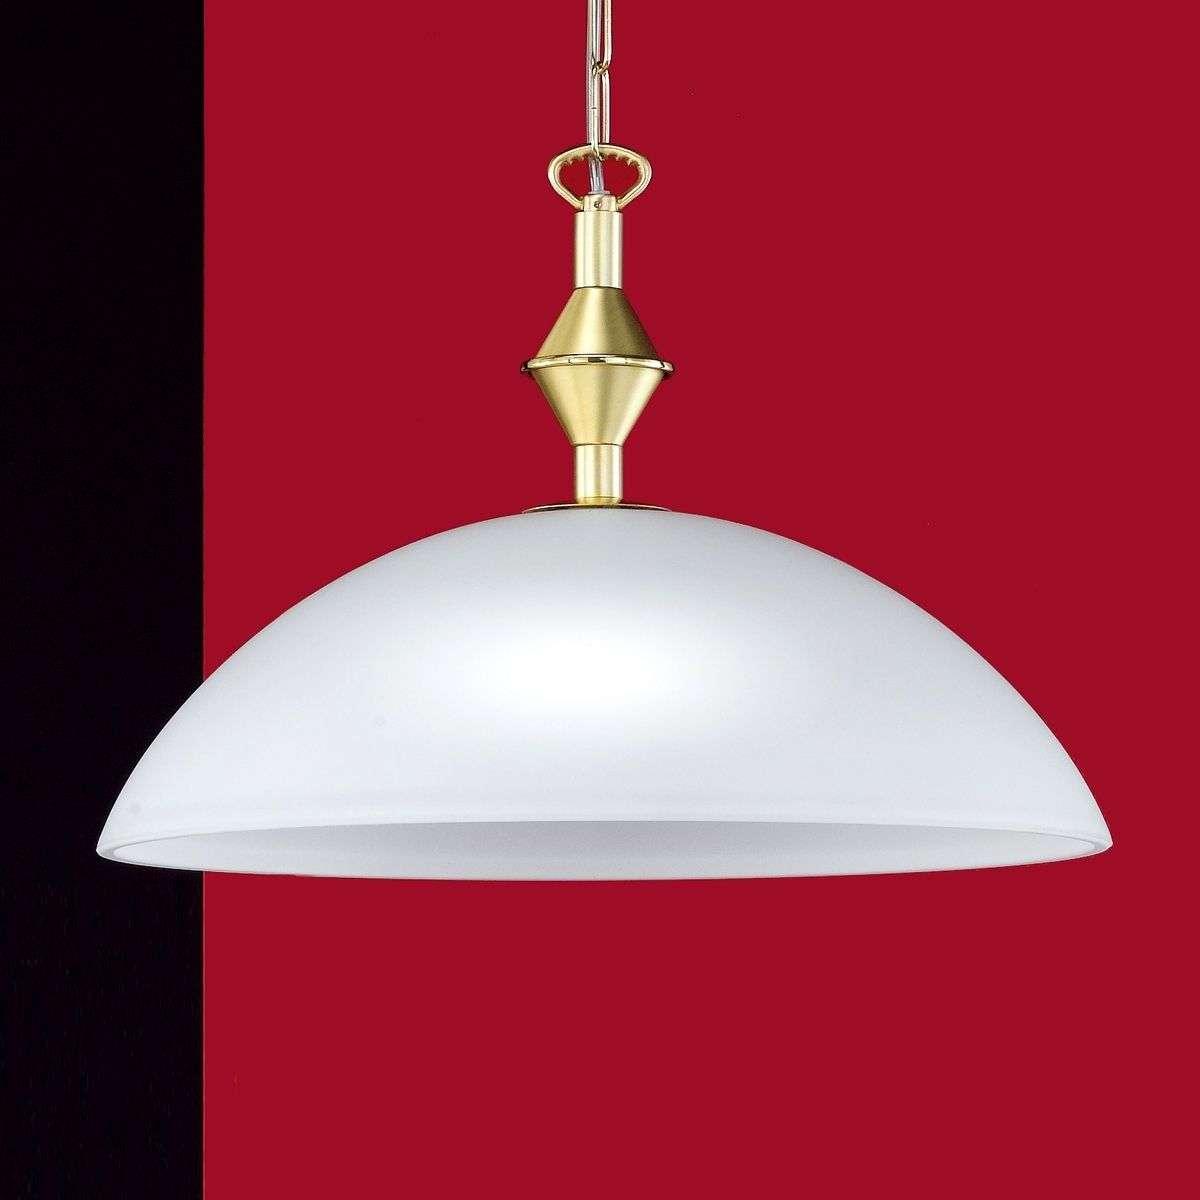 amsterdam hanging light decorative matte brass lights ie